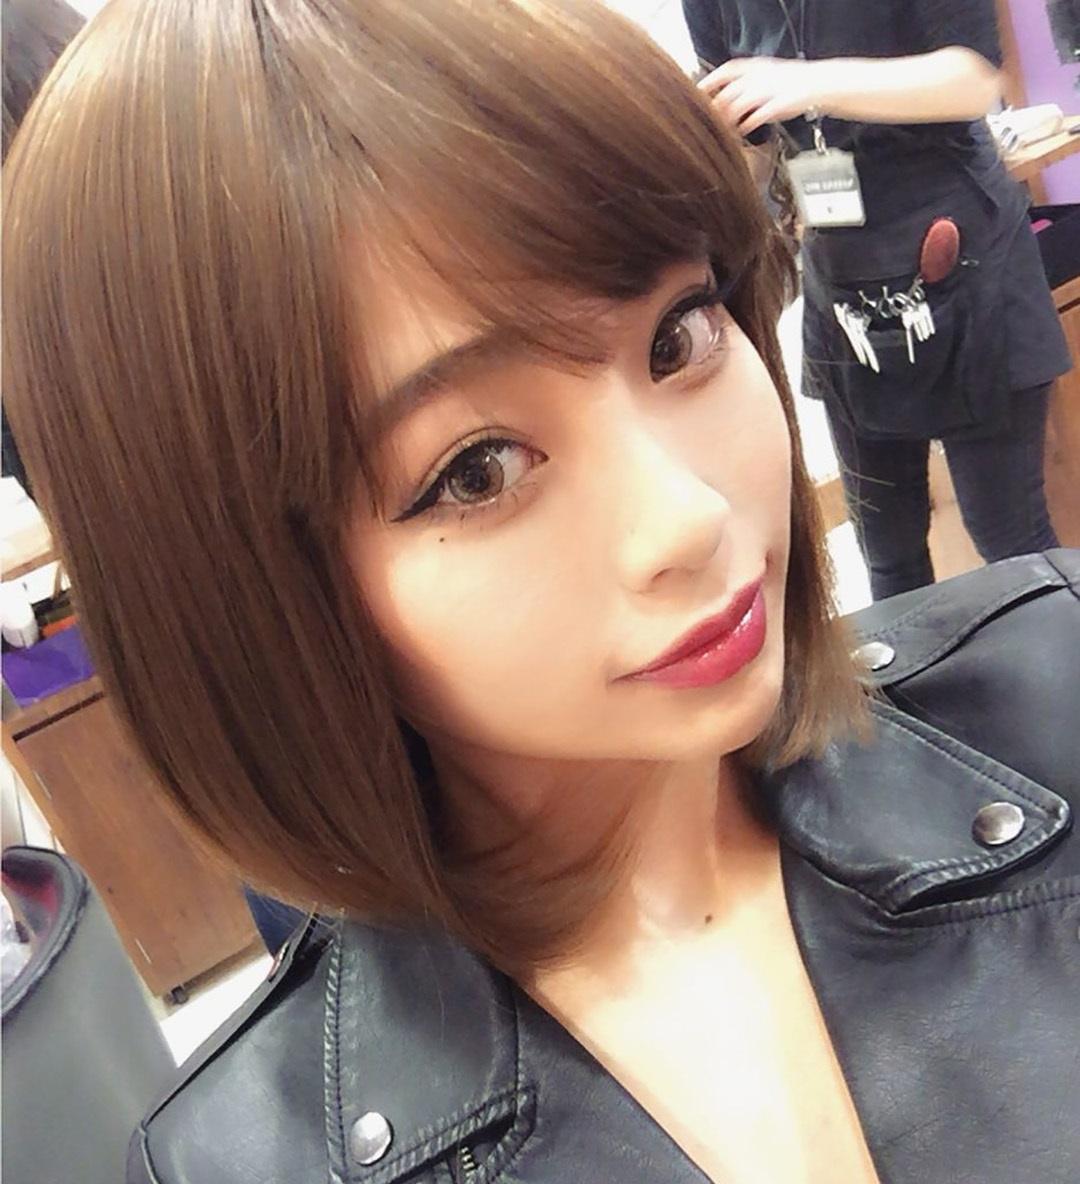 岛国美女模特YUMI,气质怡人,天生丽质,女神精选合辑一20张